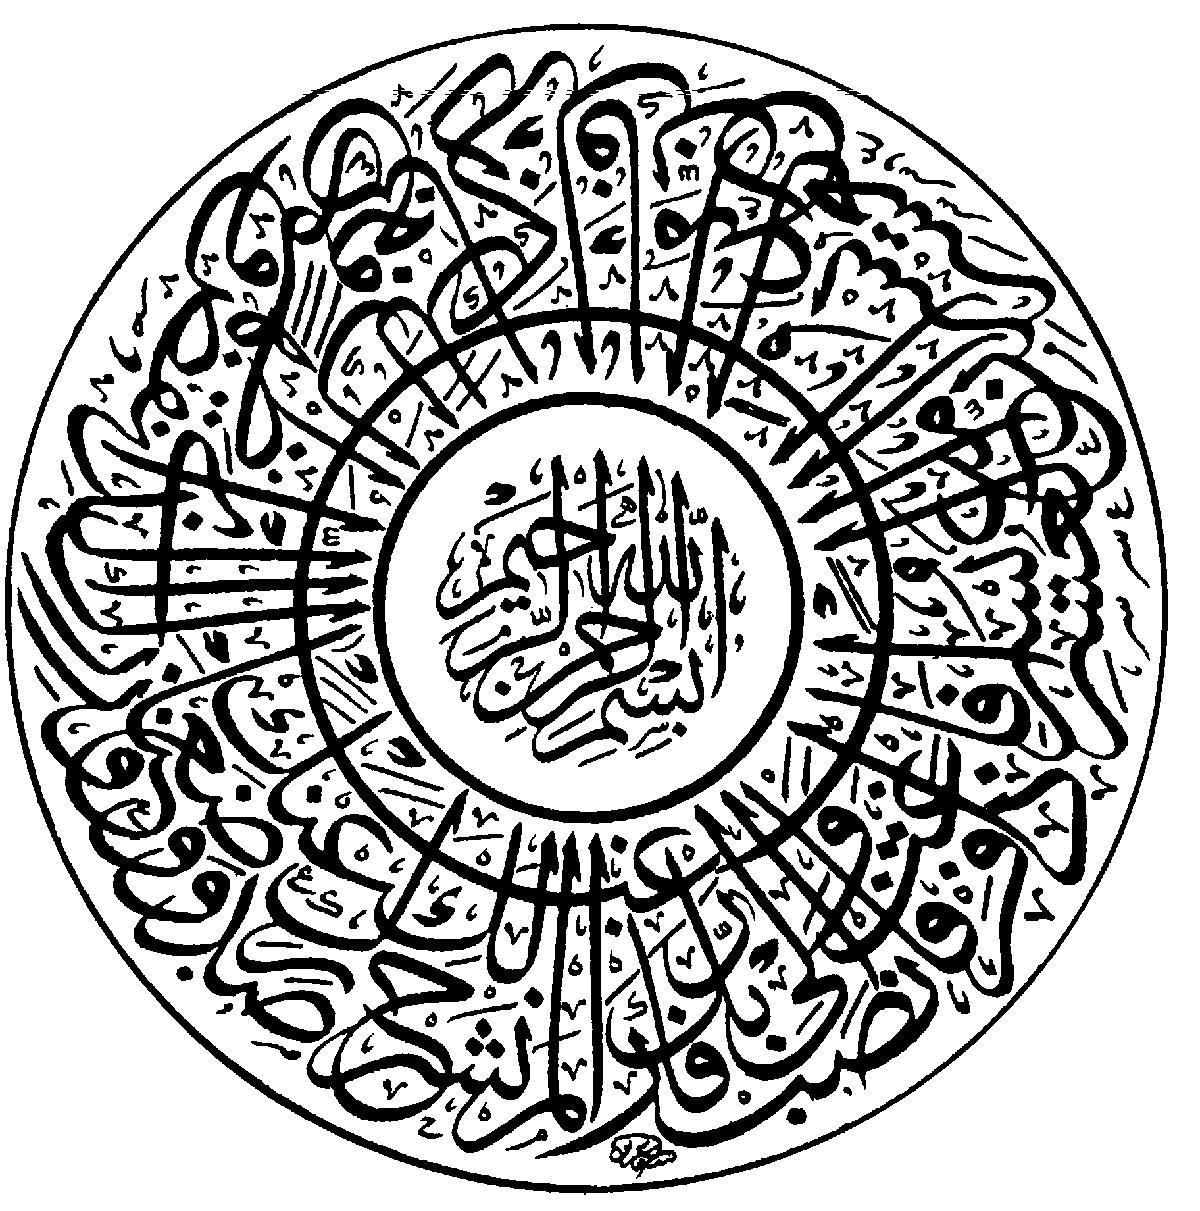 مركب الشوك مع الوقت صور زخارف اسلاميه Ffigh Org